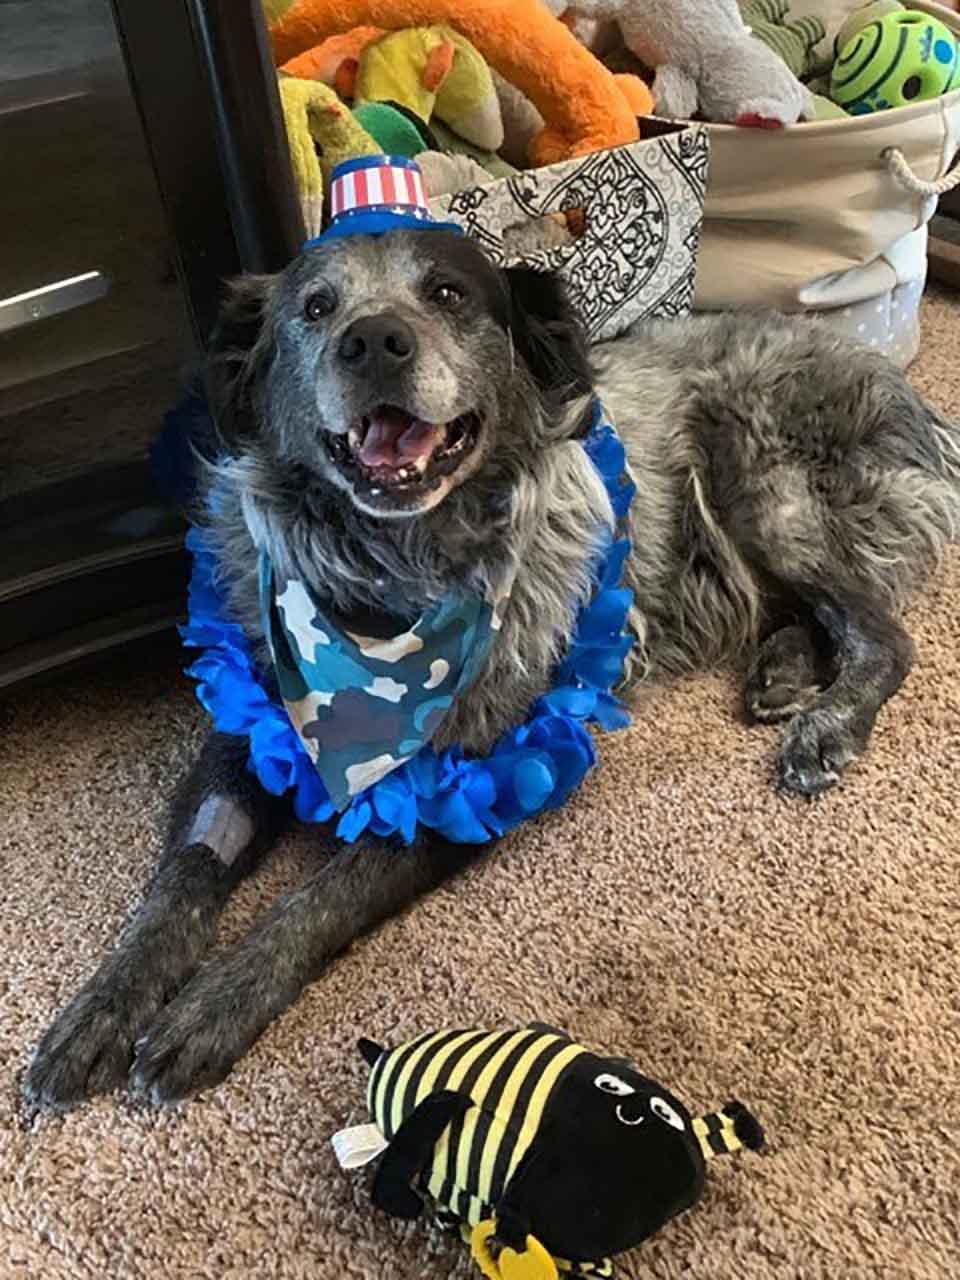 Perrito con atuendo azul